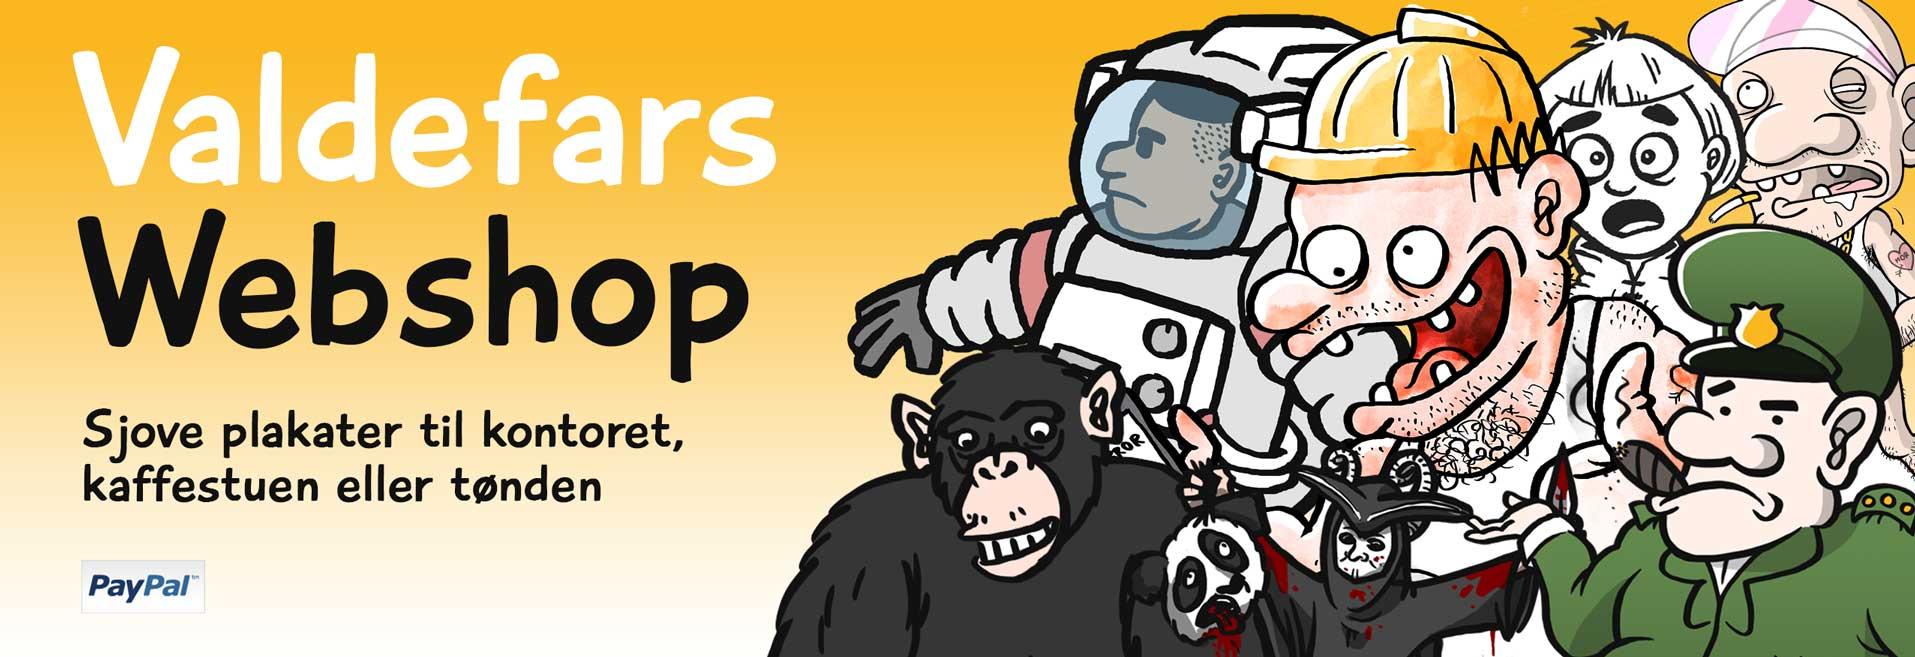 Valdefars Webshop - Plakater og gøgl til kontoret, kaffestuen eller tønden